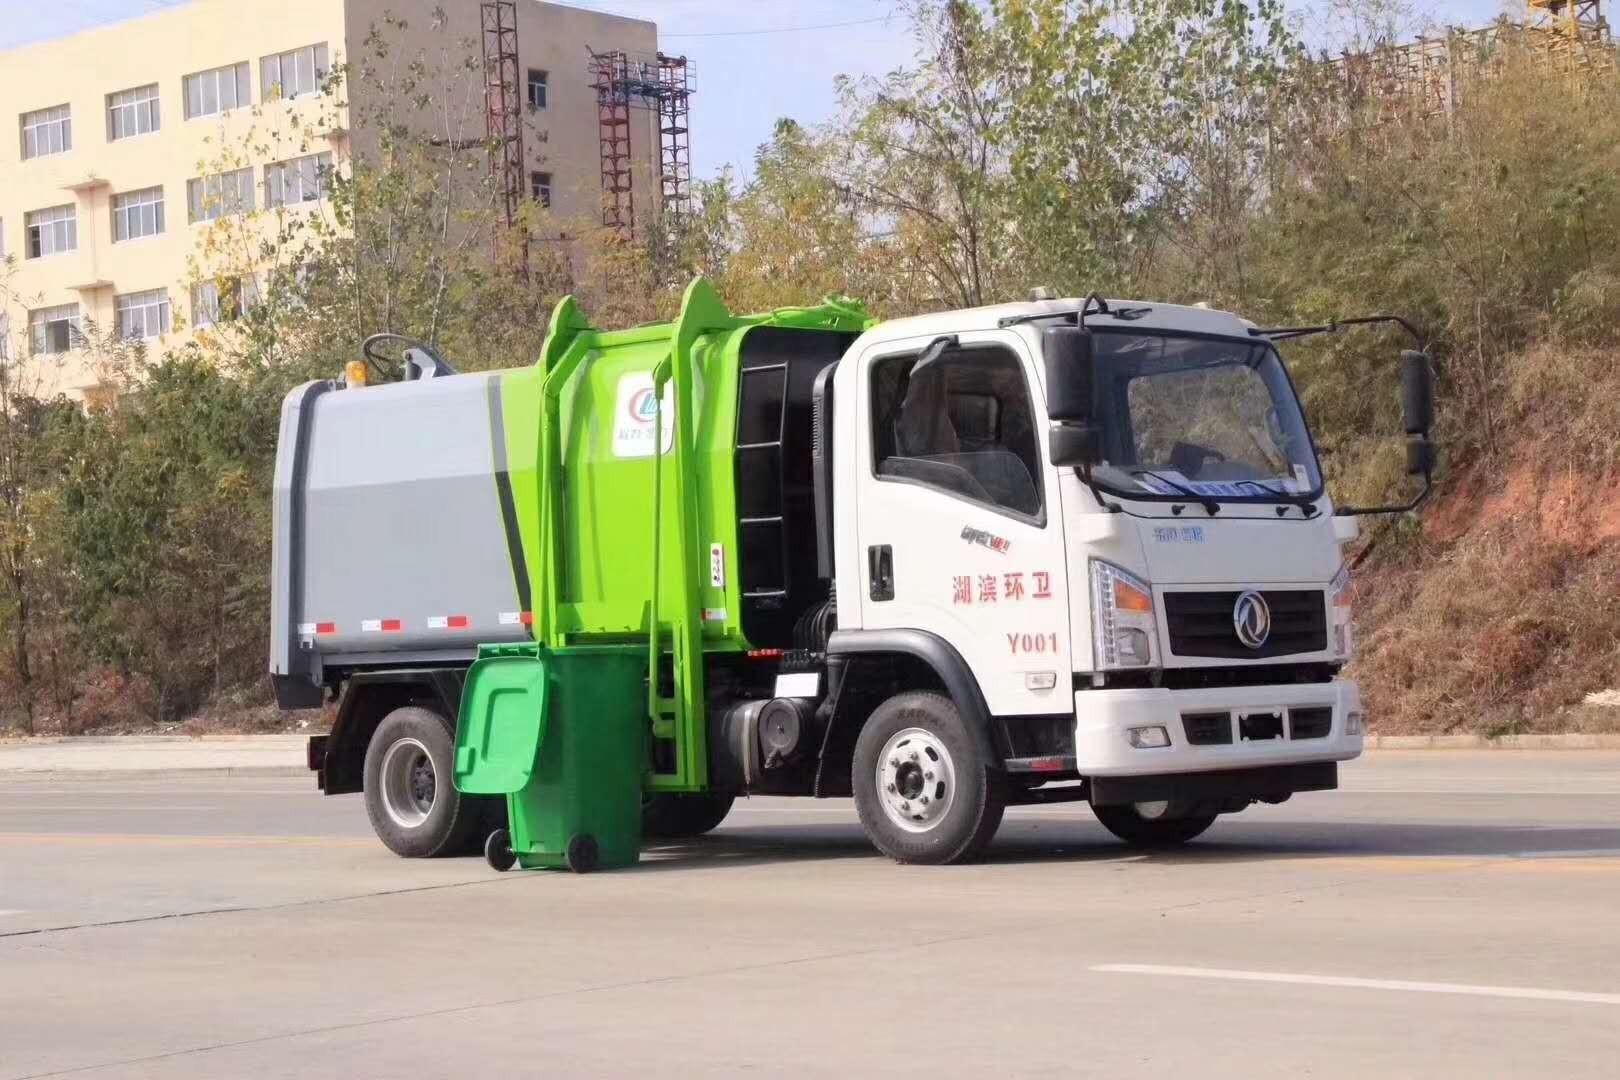 东风专底垃圾车图片